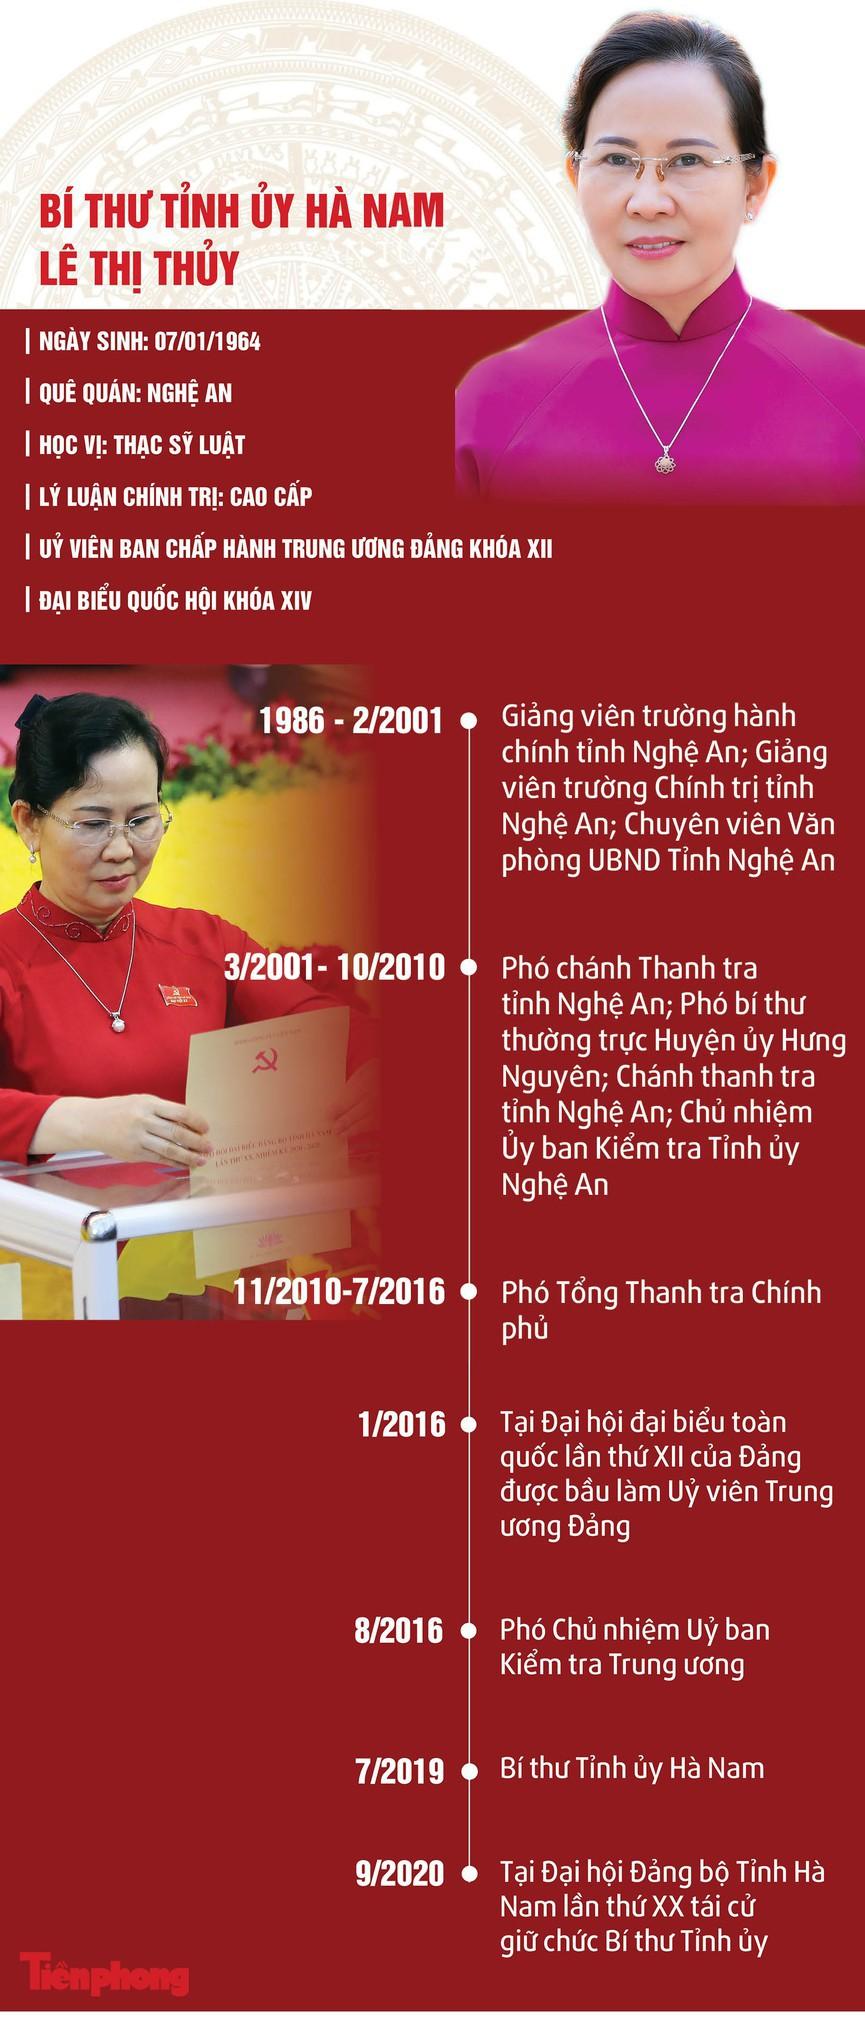 Chân dung Bí thư Tỉnh ủy Hà Nam Lê Thị Thủy ảnh 1